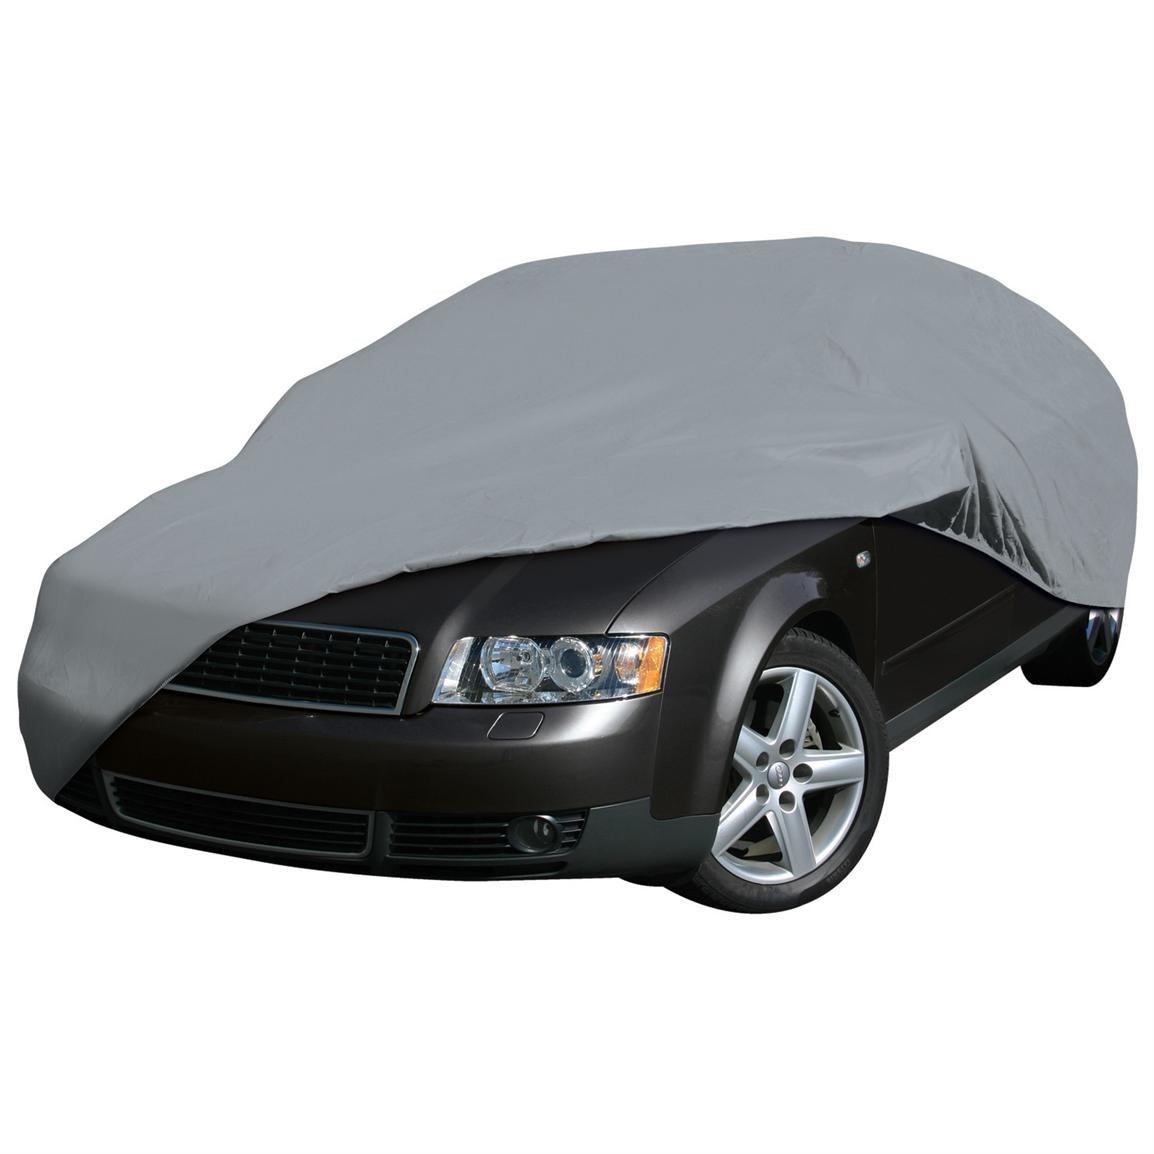 Cubierta funda lona cubre auto cover auto chico envio gratis en mercado libre - Fundas para auto ...